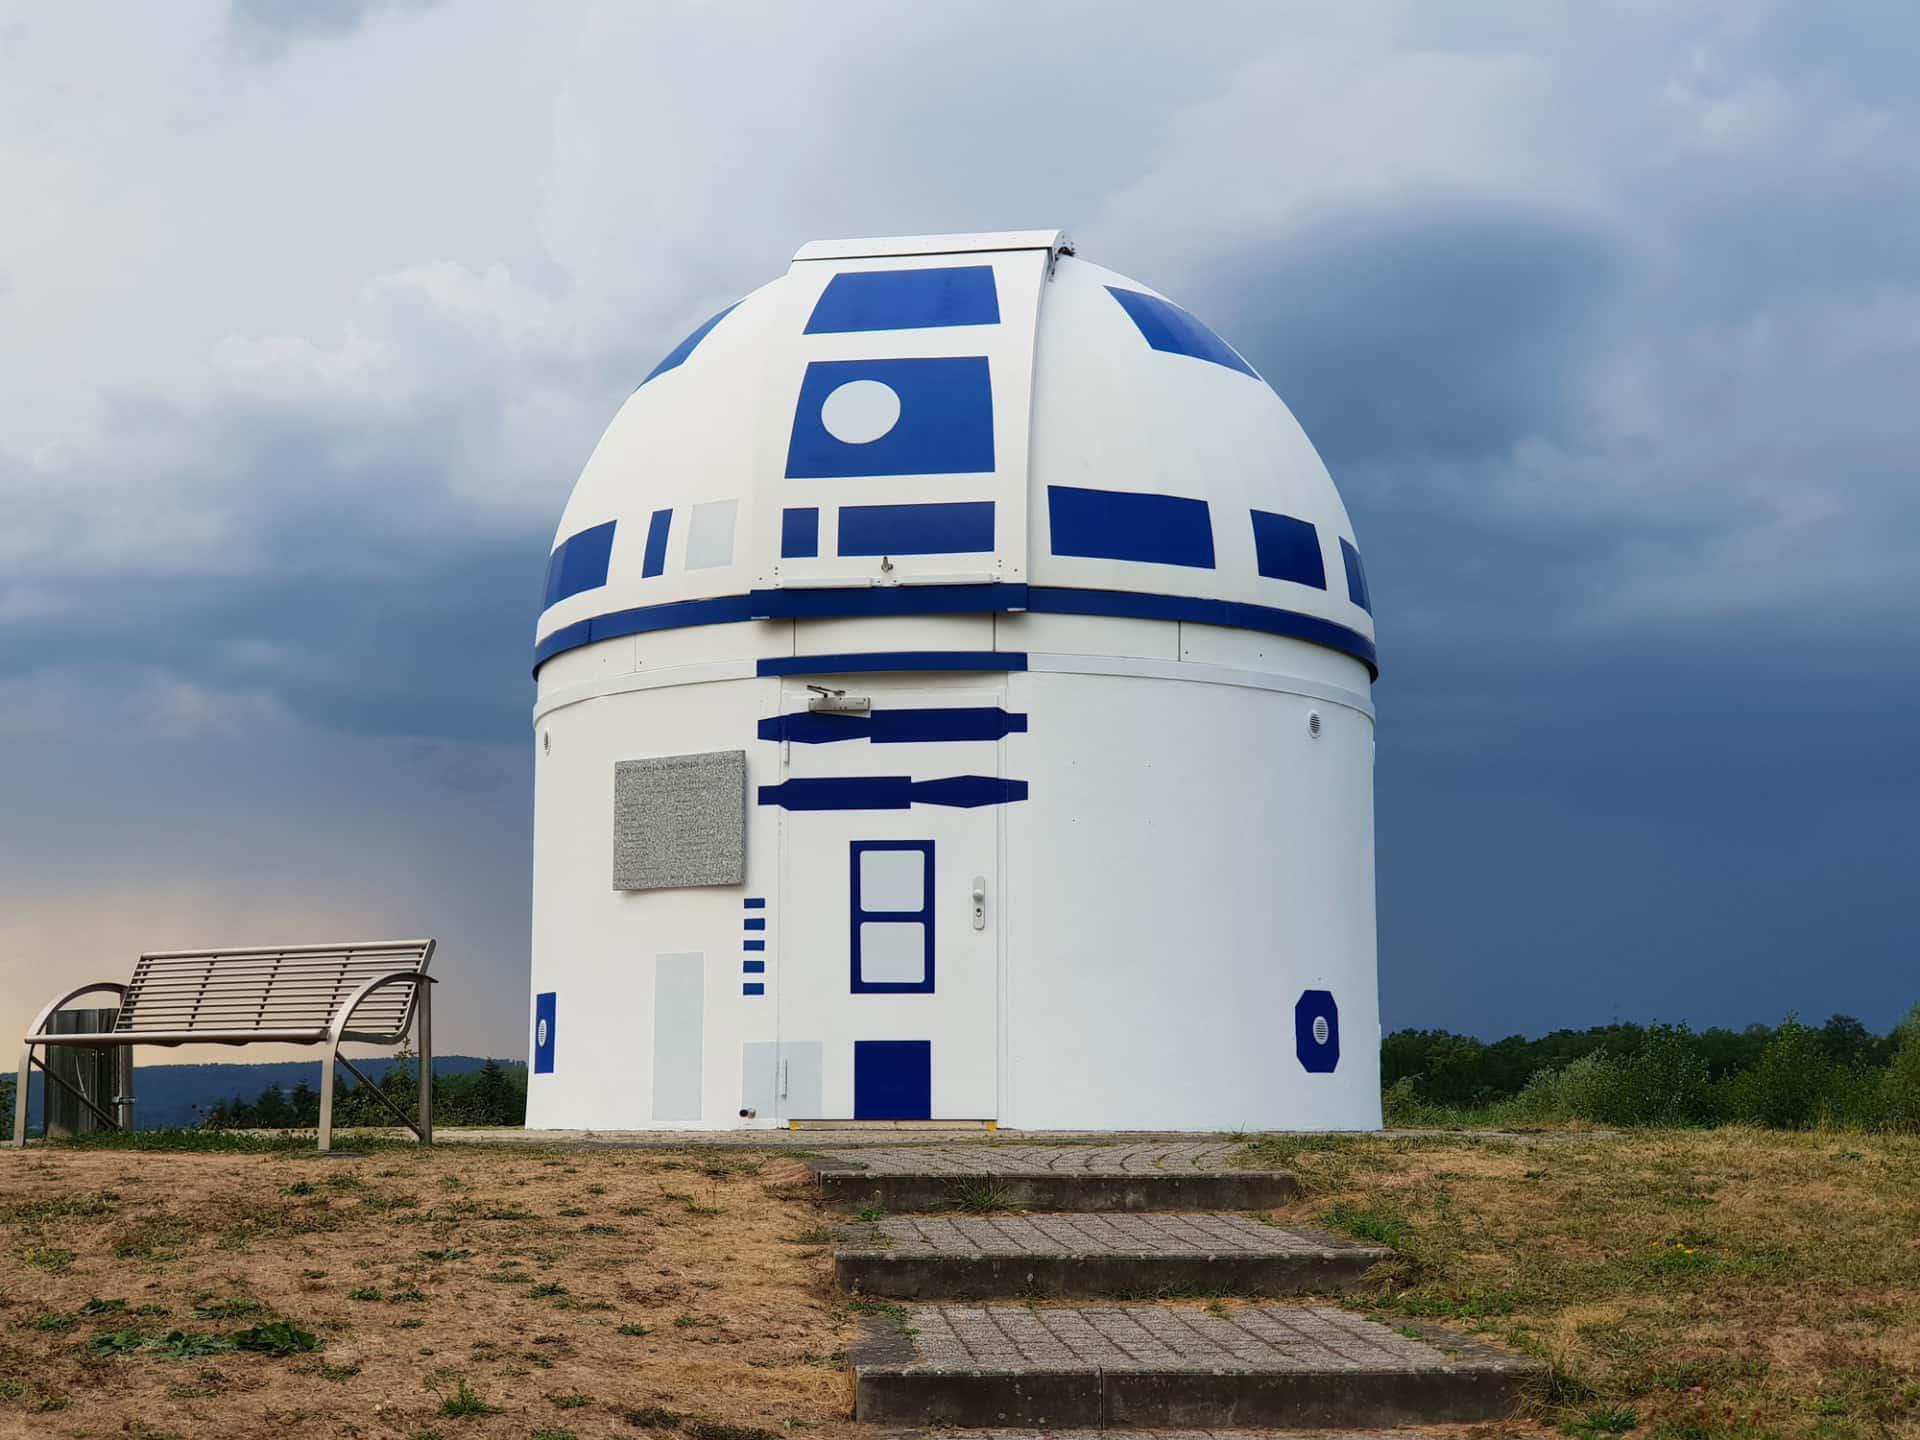 El auténtico observatorio galáctico | Street Art